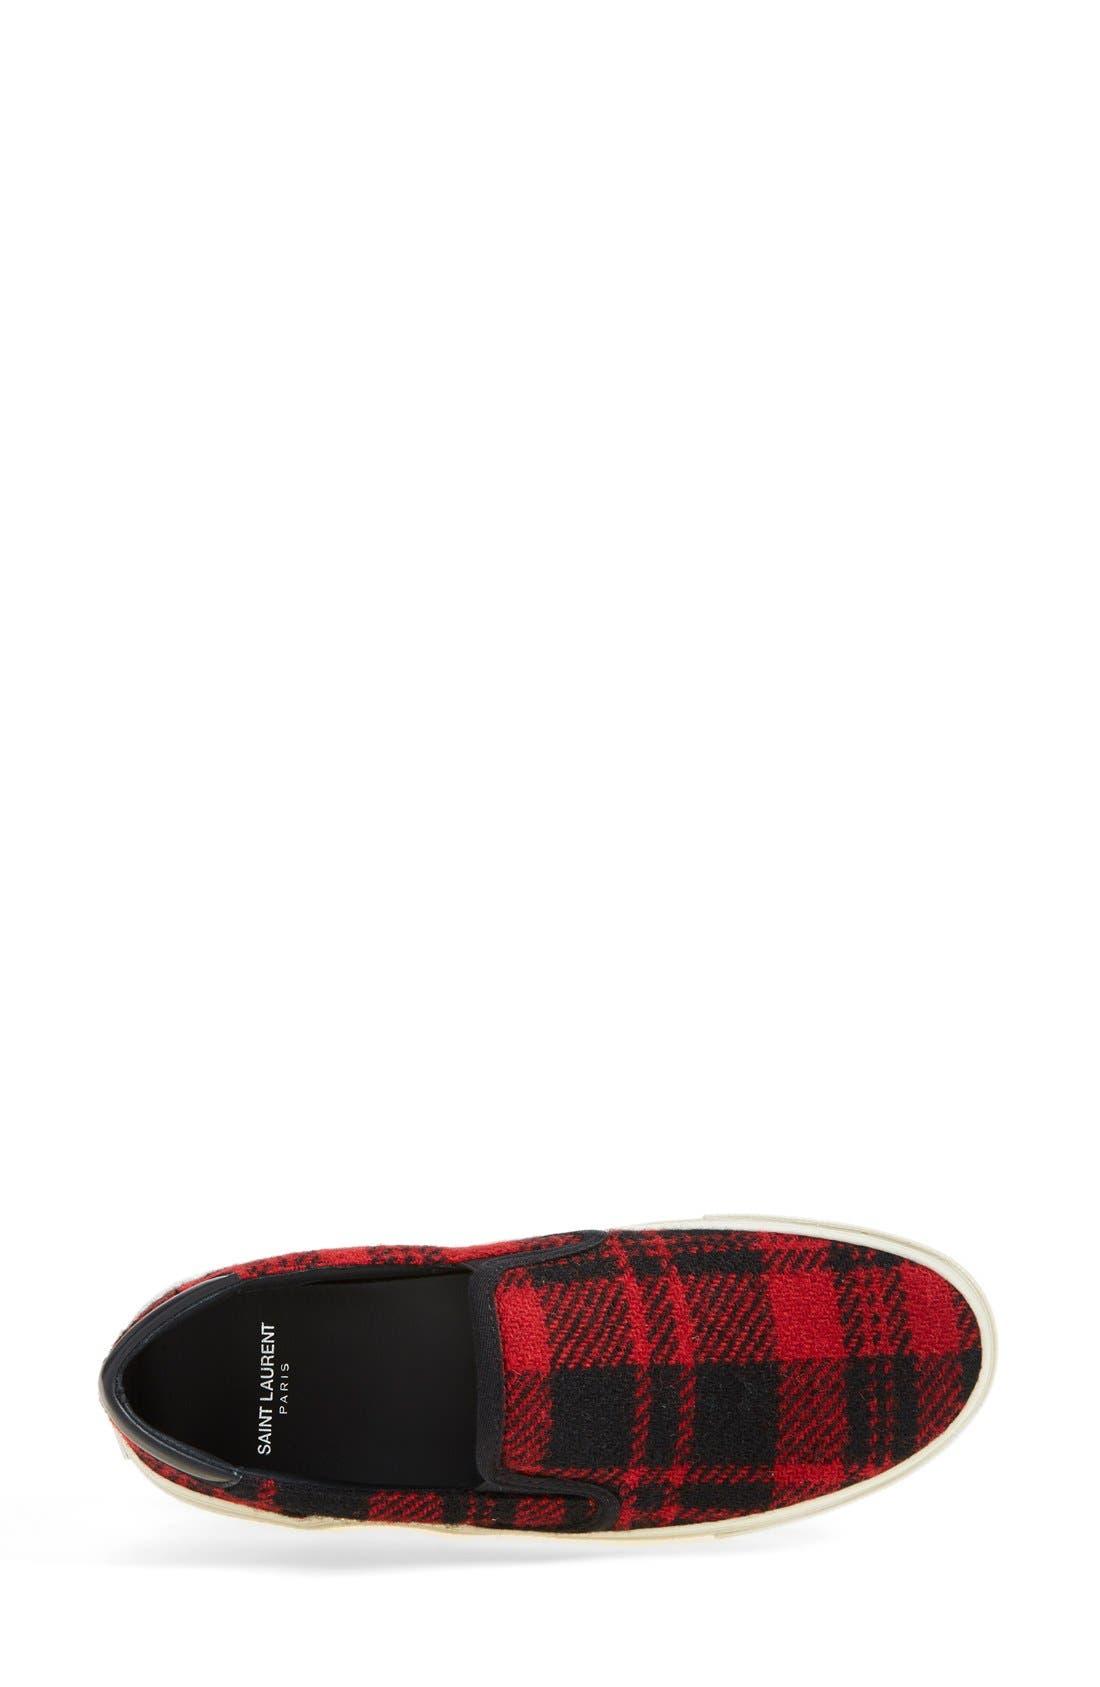 Alternate Image 3  - Saint Laurent 'Skate' Slip-On Sneaker (Women)